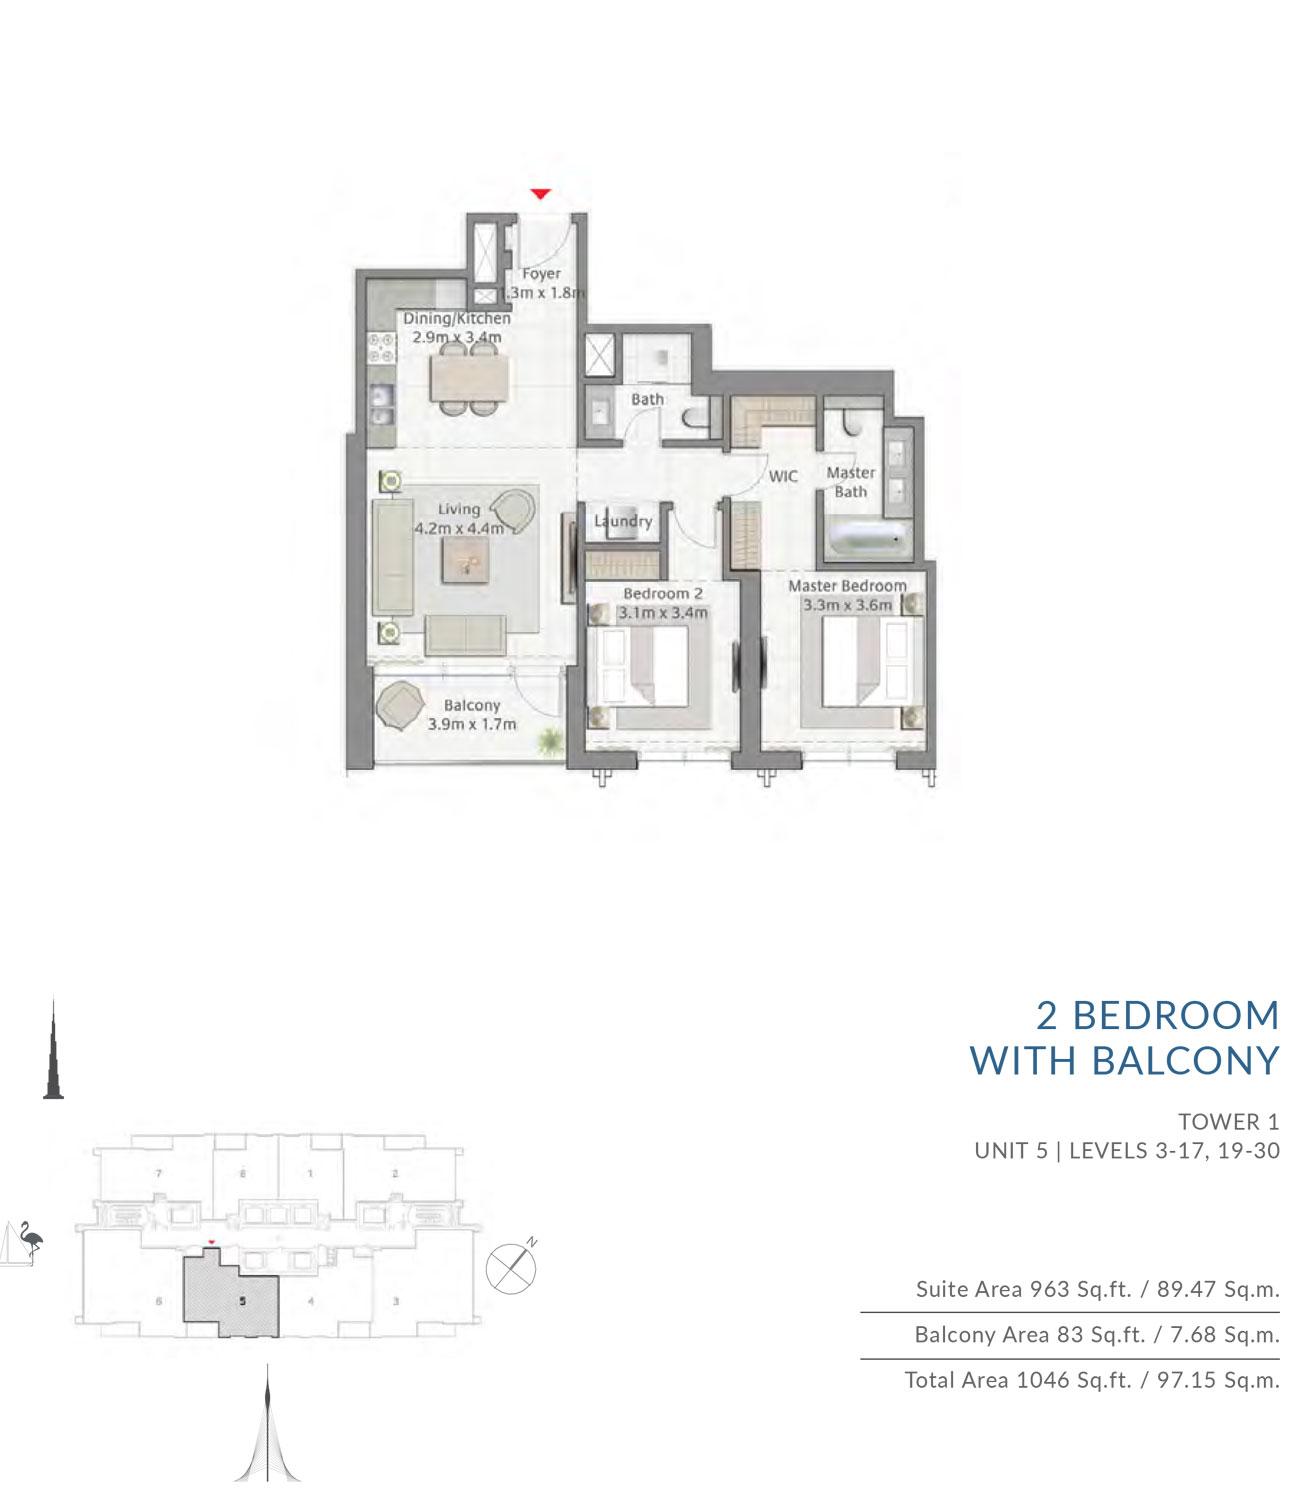 Floor-Plan-2BR T1 U5